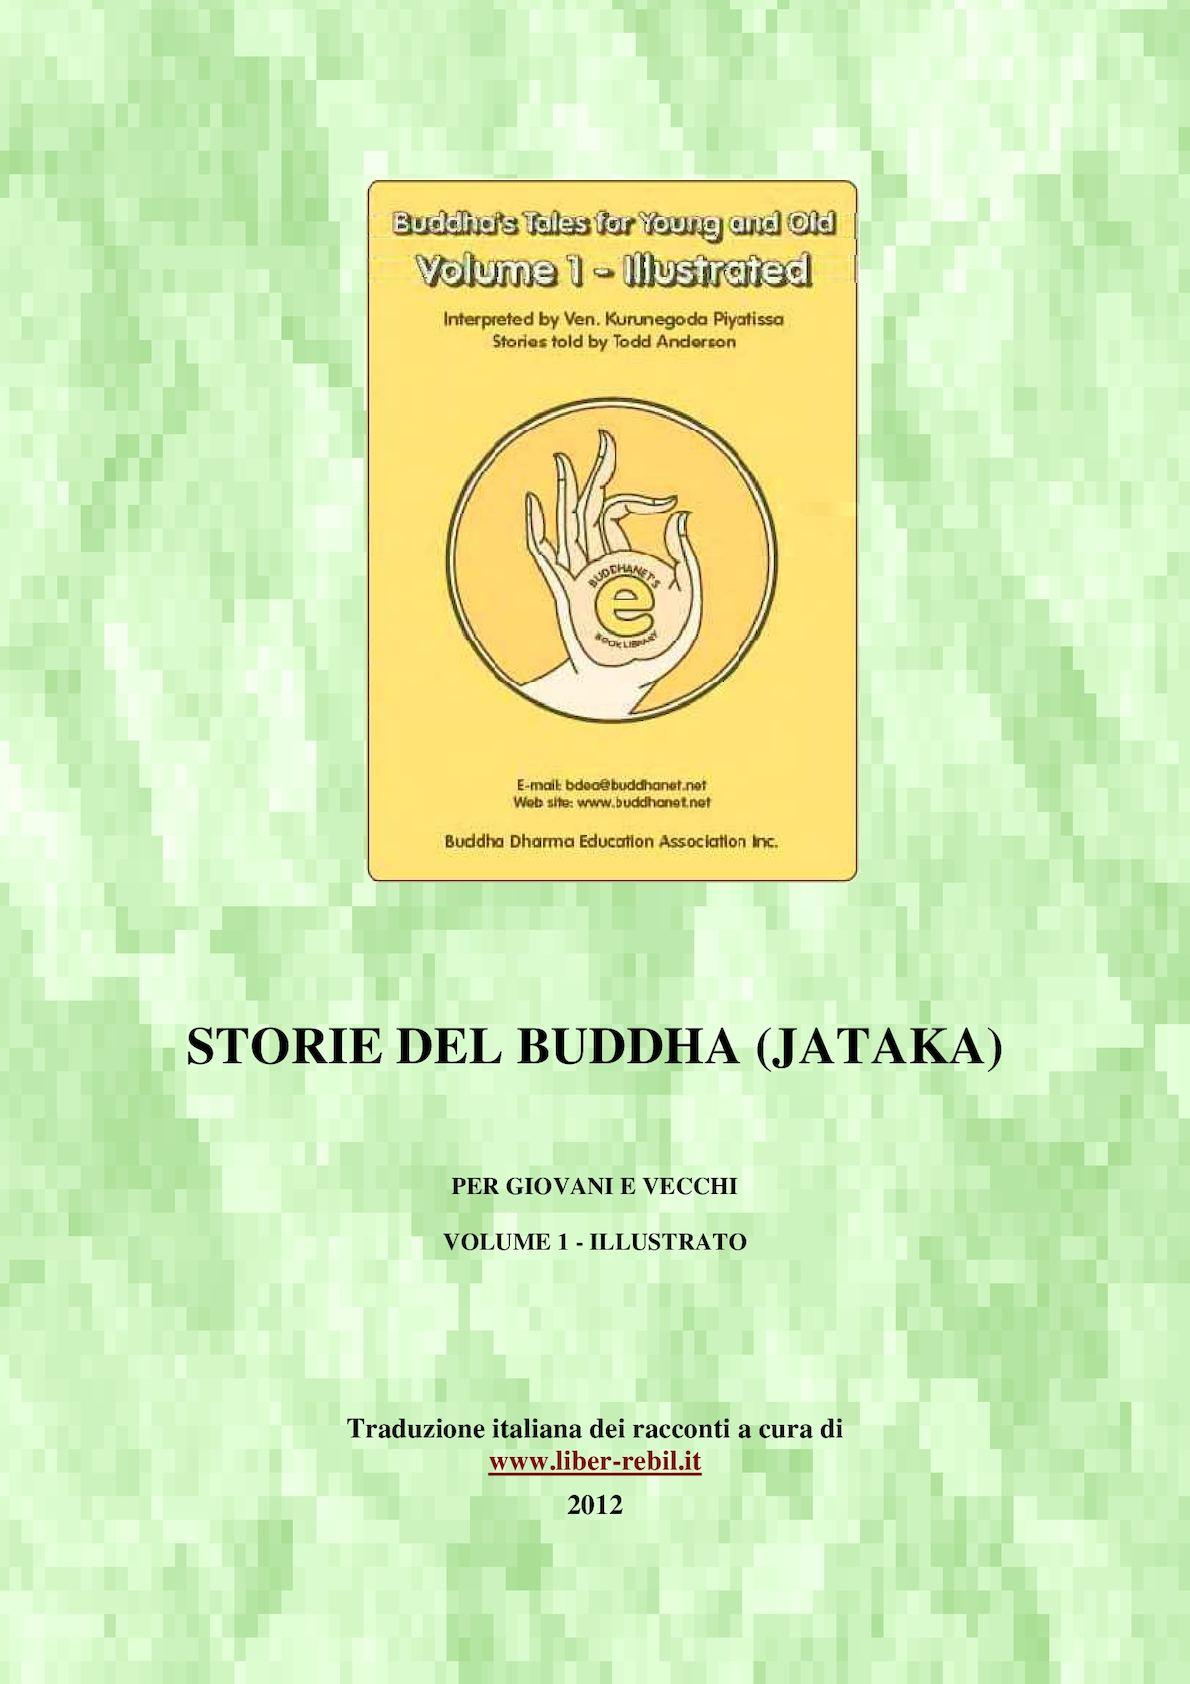 Calaméo Buddisti Jataka Calaméo Racconti Calaméo Racconti Buddisti Jataka QrshCdt